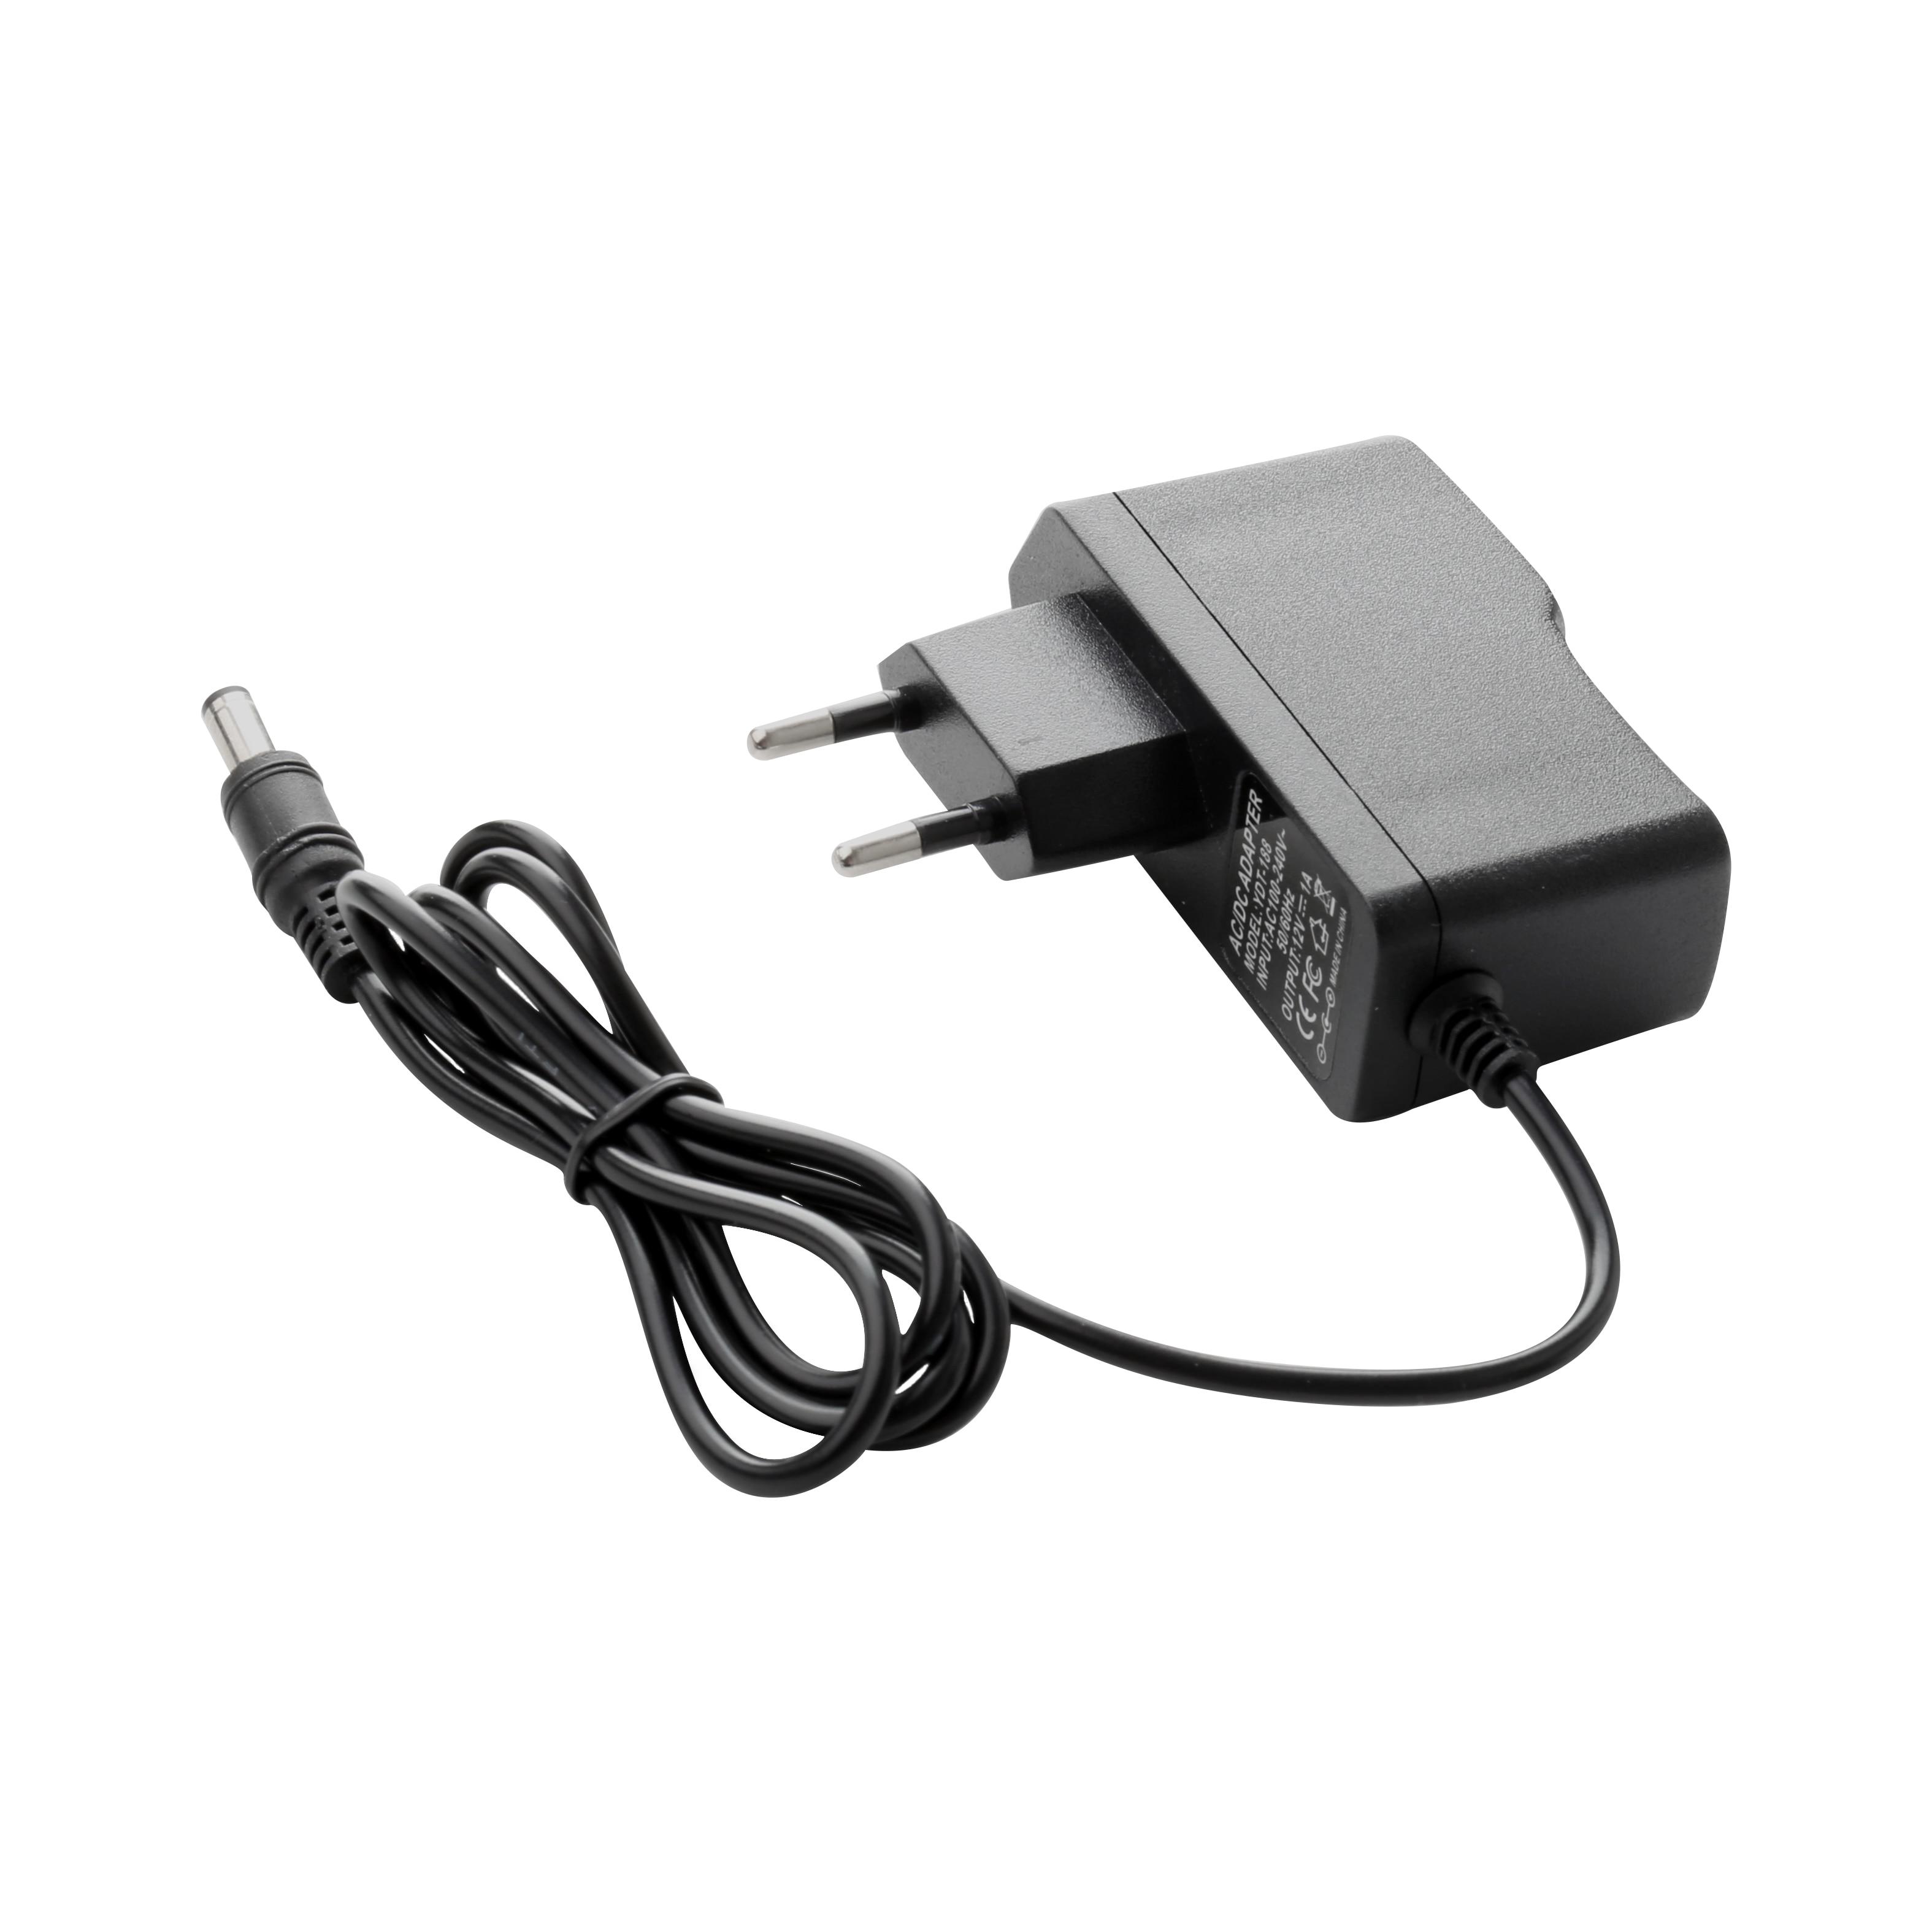 AC100V-240V Power Adapter DC12V 1A Output Power Adaptor Charger 50/60HZ DC 5.5mm X 2.1mm EU/AU/UK/US Plug For CCTV Camera